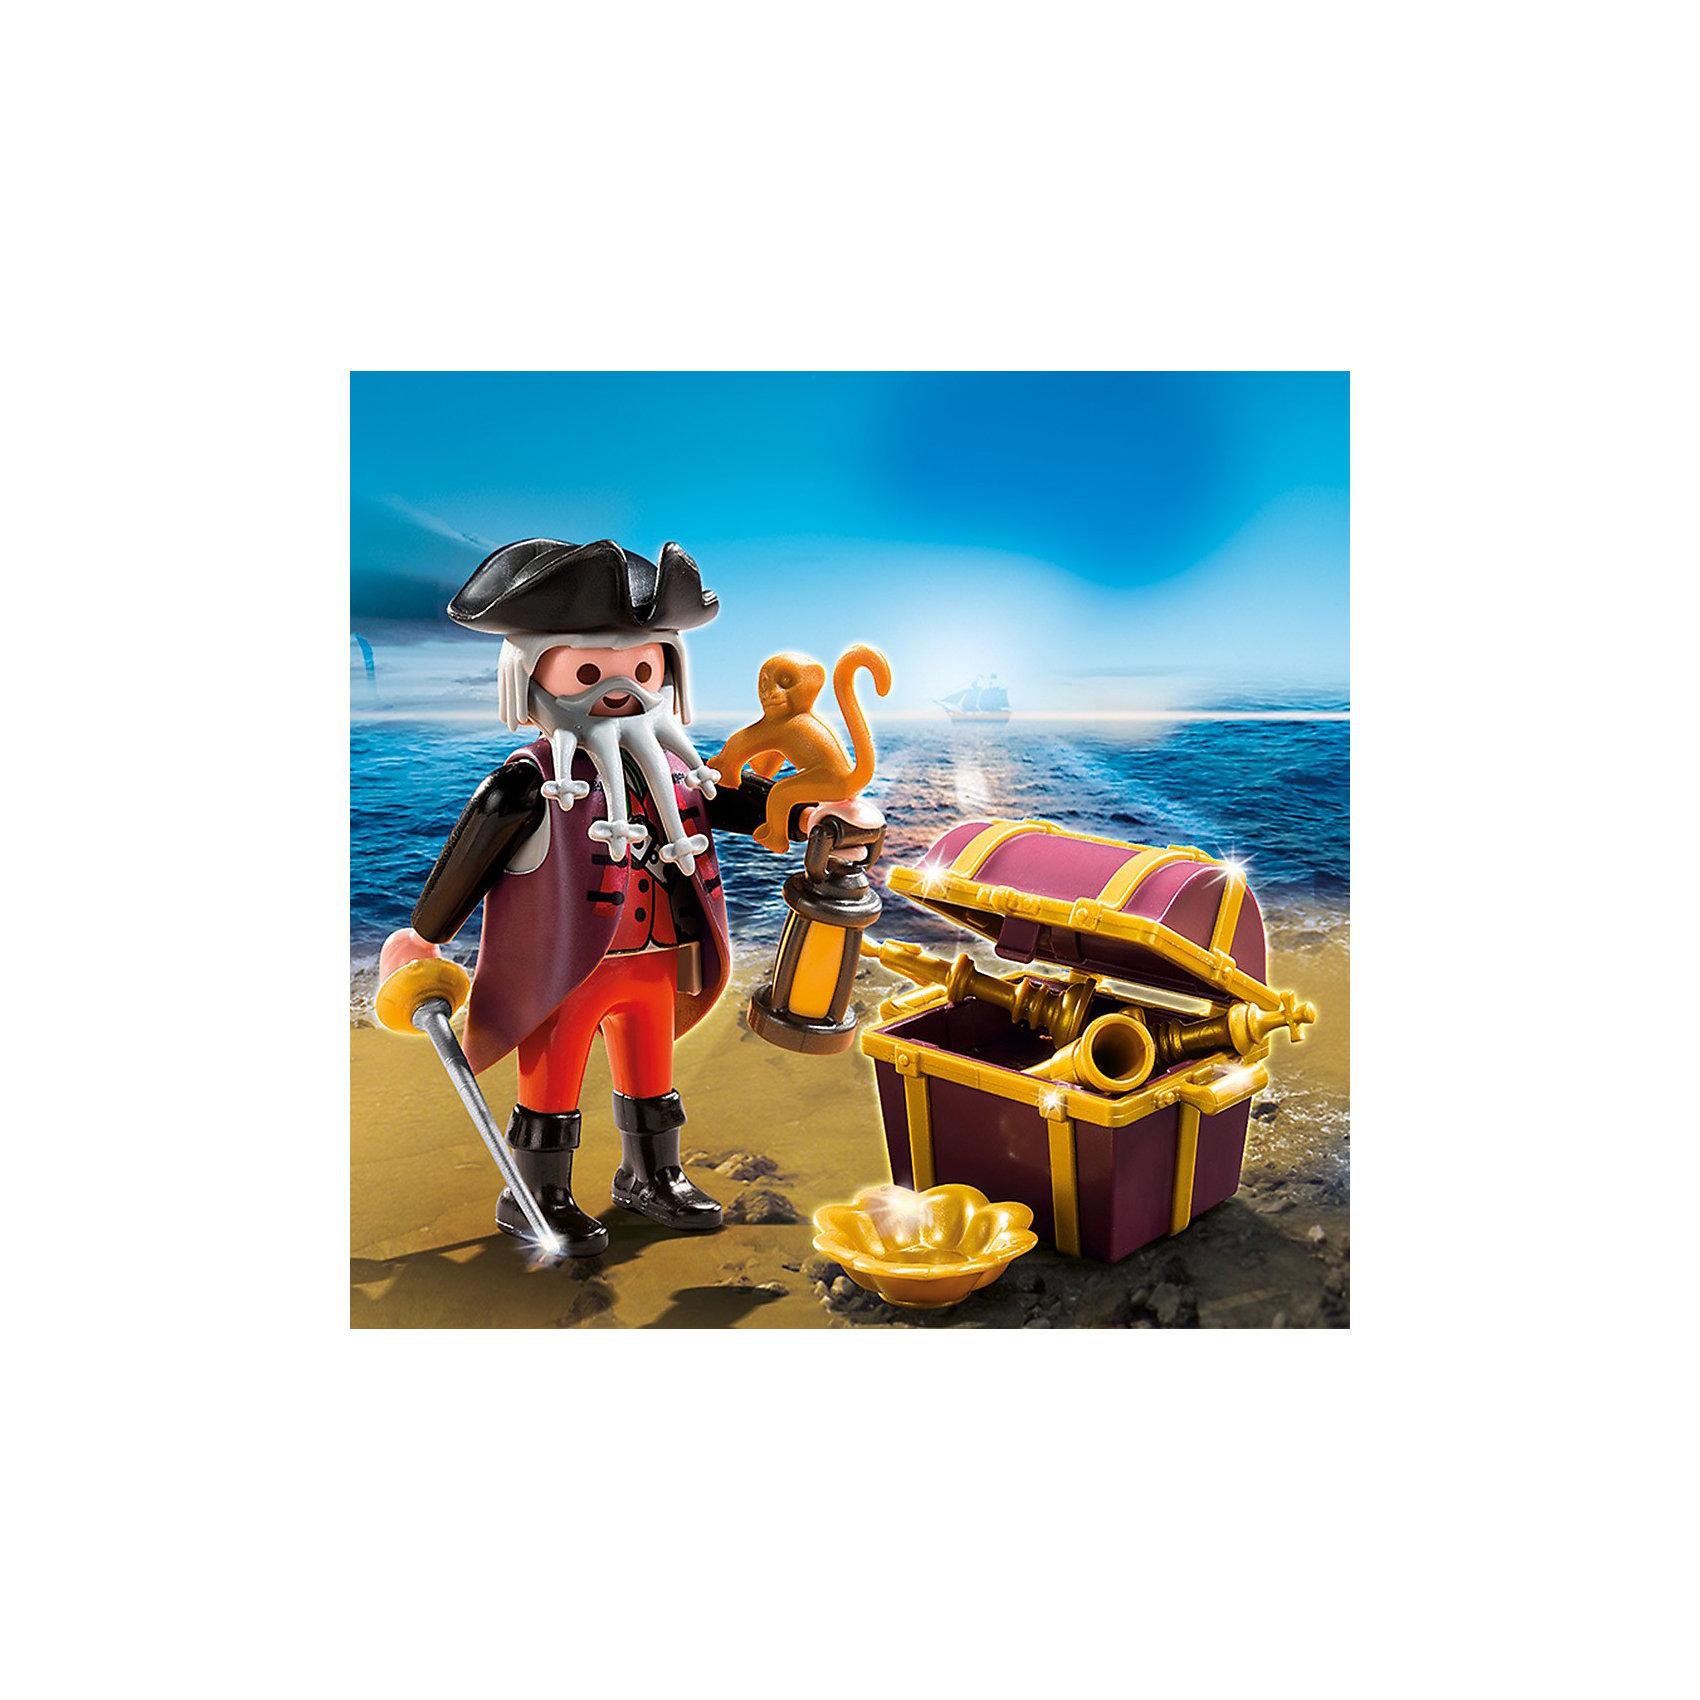 PLAYMOBIL® Экстра-набор: Пират и сундук с сокровищами, PLAYMOBIL playmobil® экстра набор пират и сундук с сокровищами playmobil